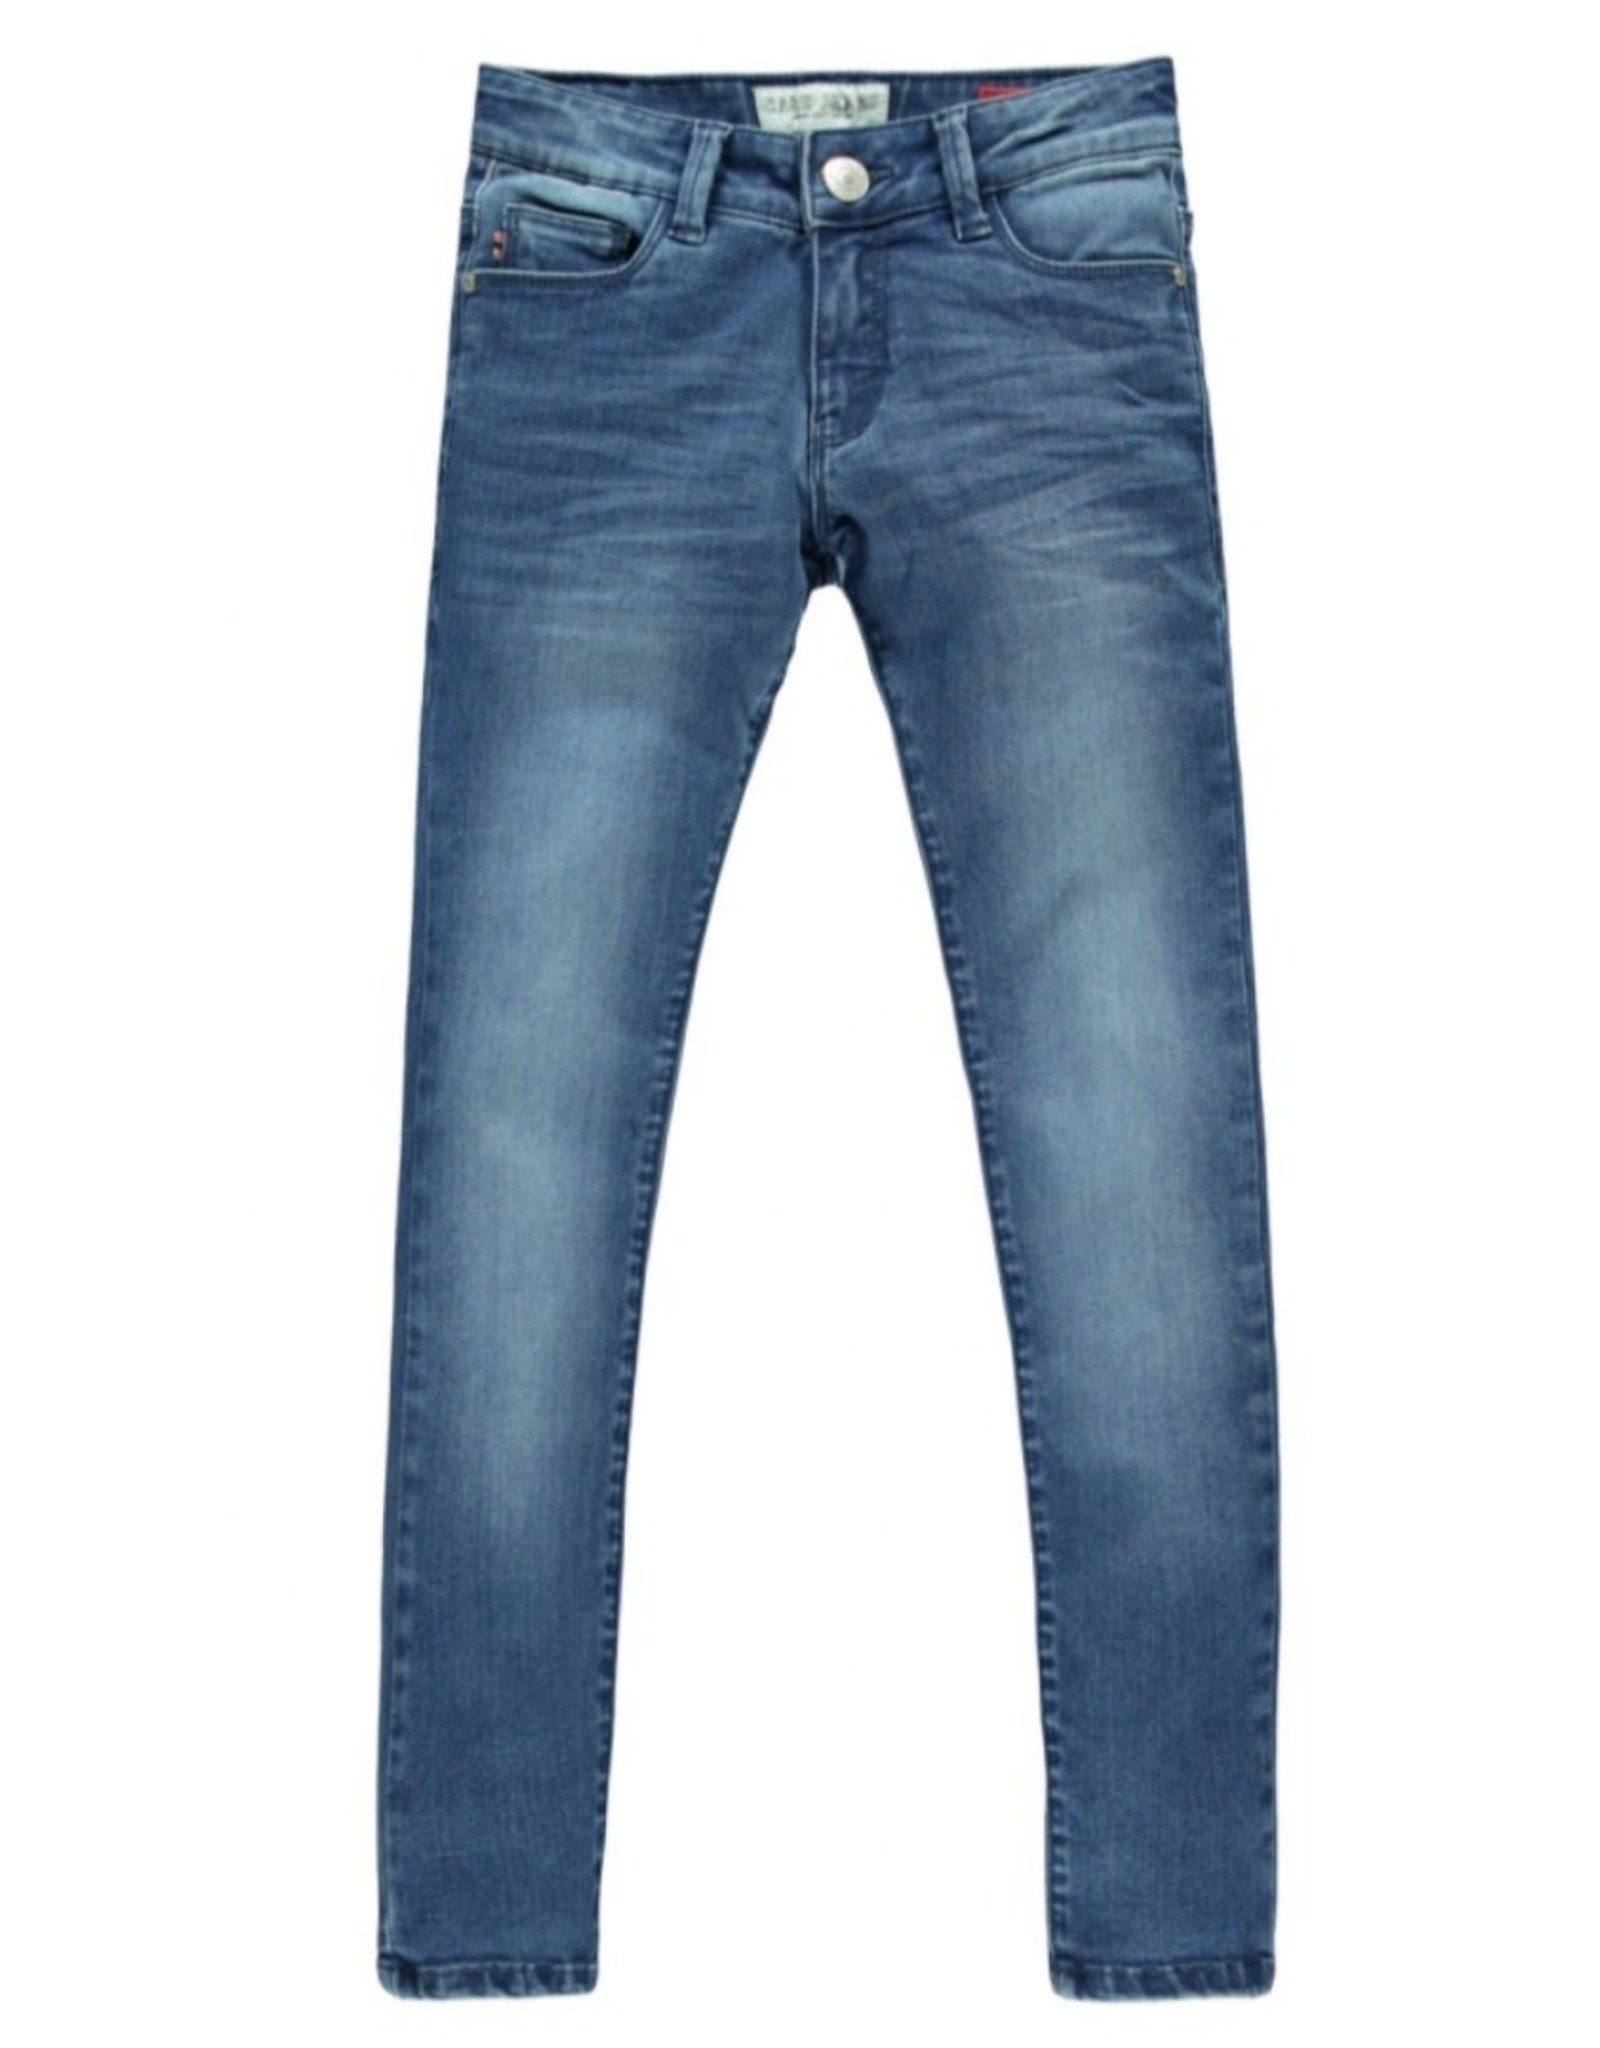 Cars Dieppa jeans